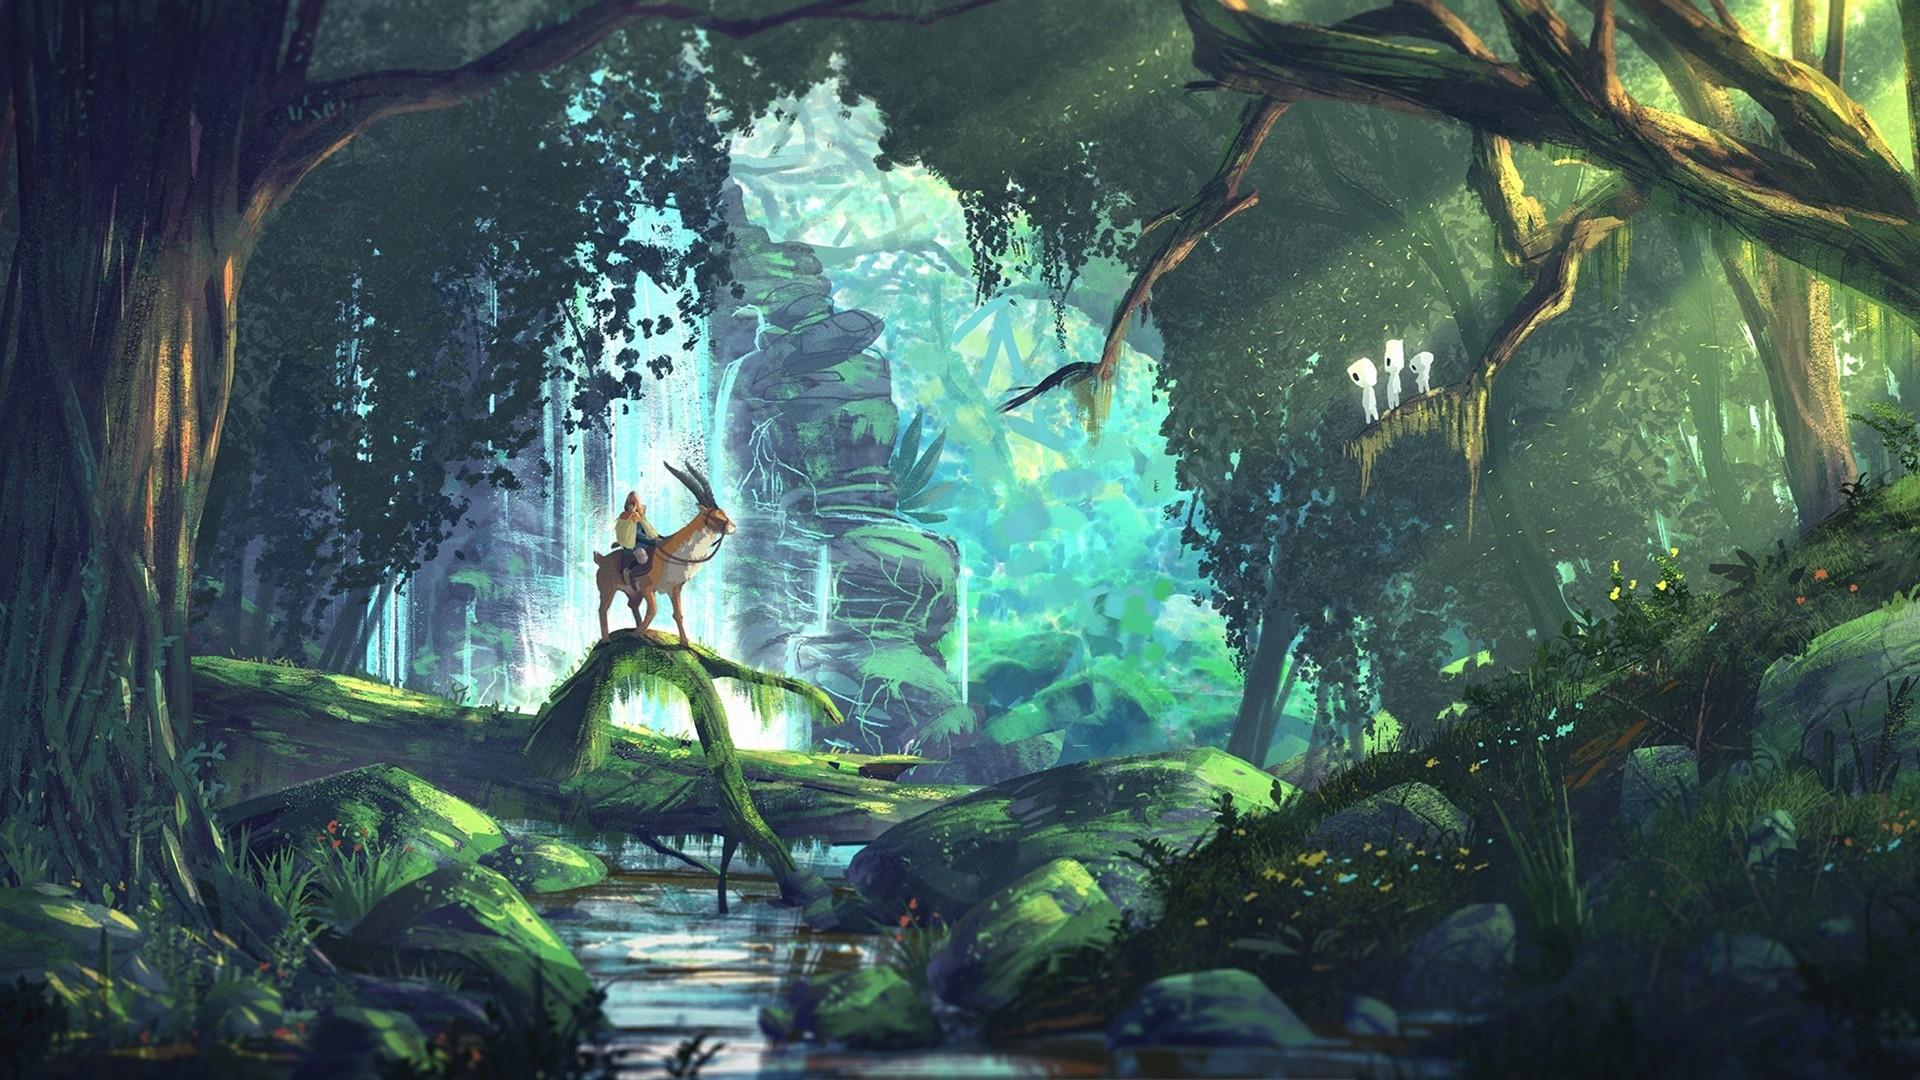 10 Latest Miyazaki Princess Mononoke Wallpaper FULL HD 1080p For PC Desktop